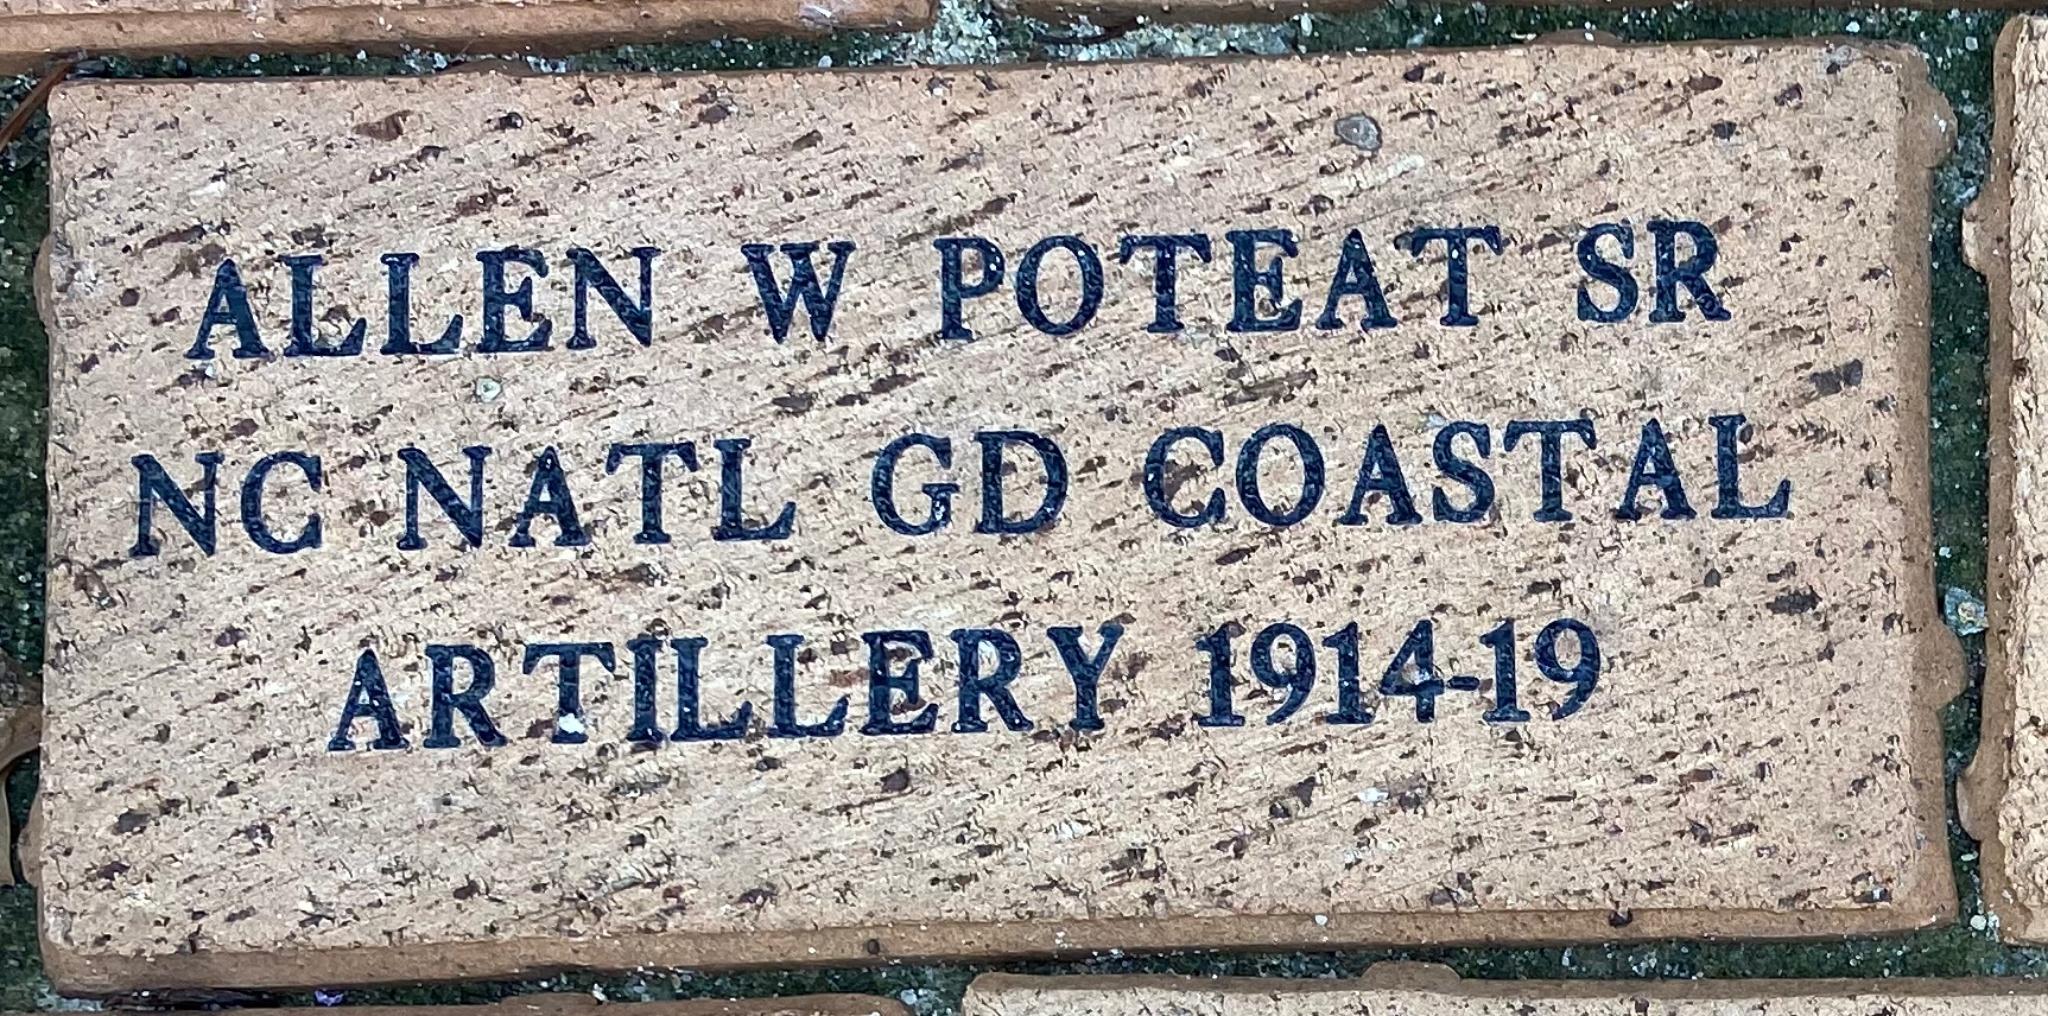 ALLEN W POTEAT SR NC NATL GD COASTAL ARTILLERY 1914-19